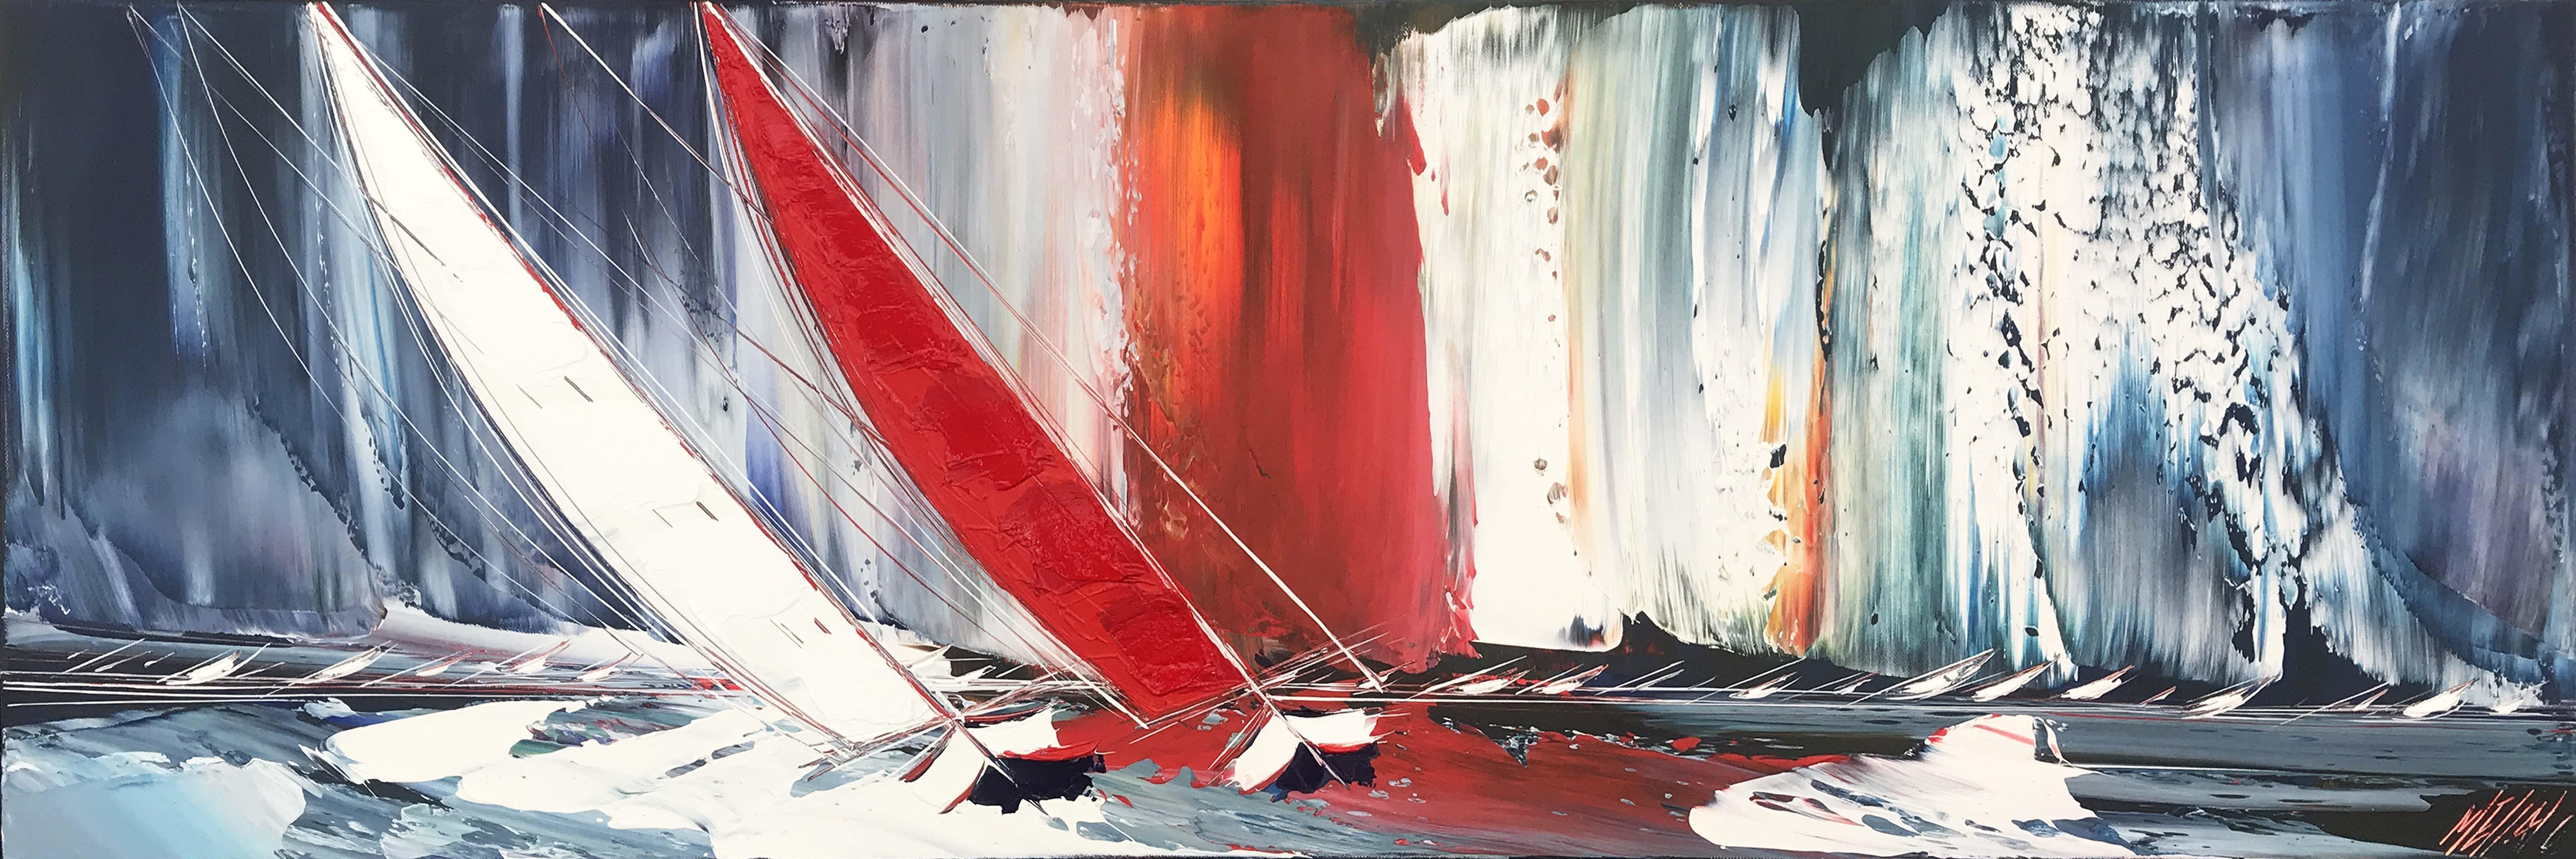 La voile rouge...   40x120cm